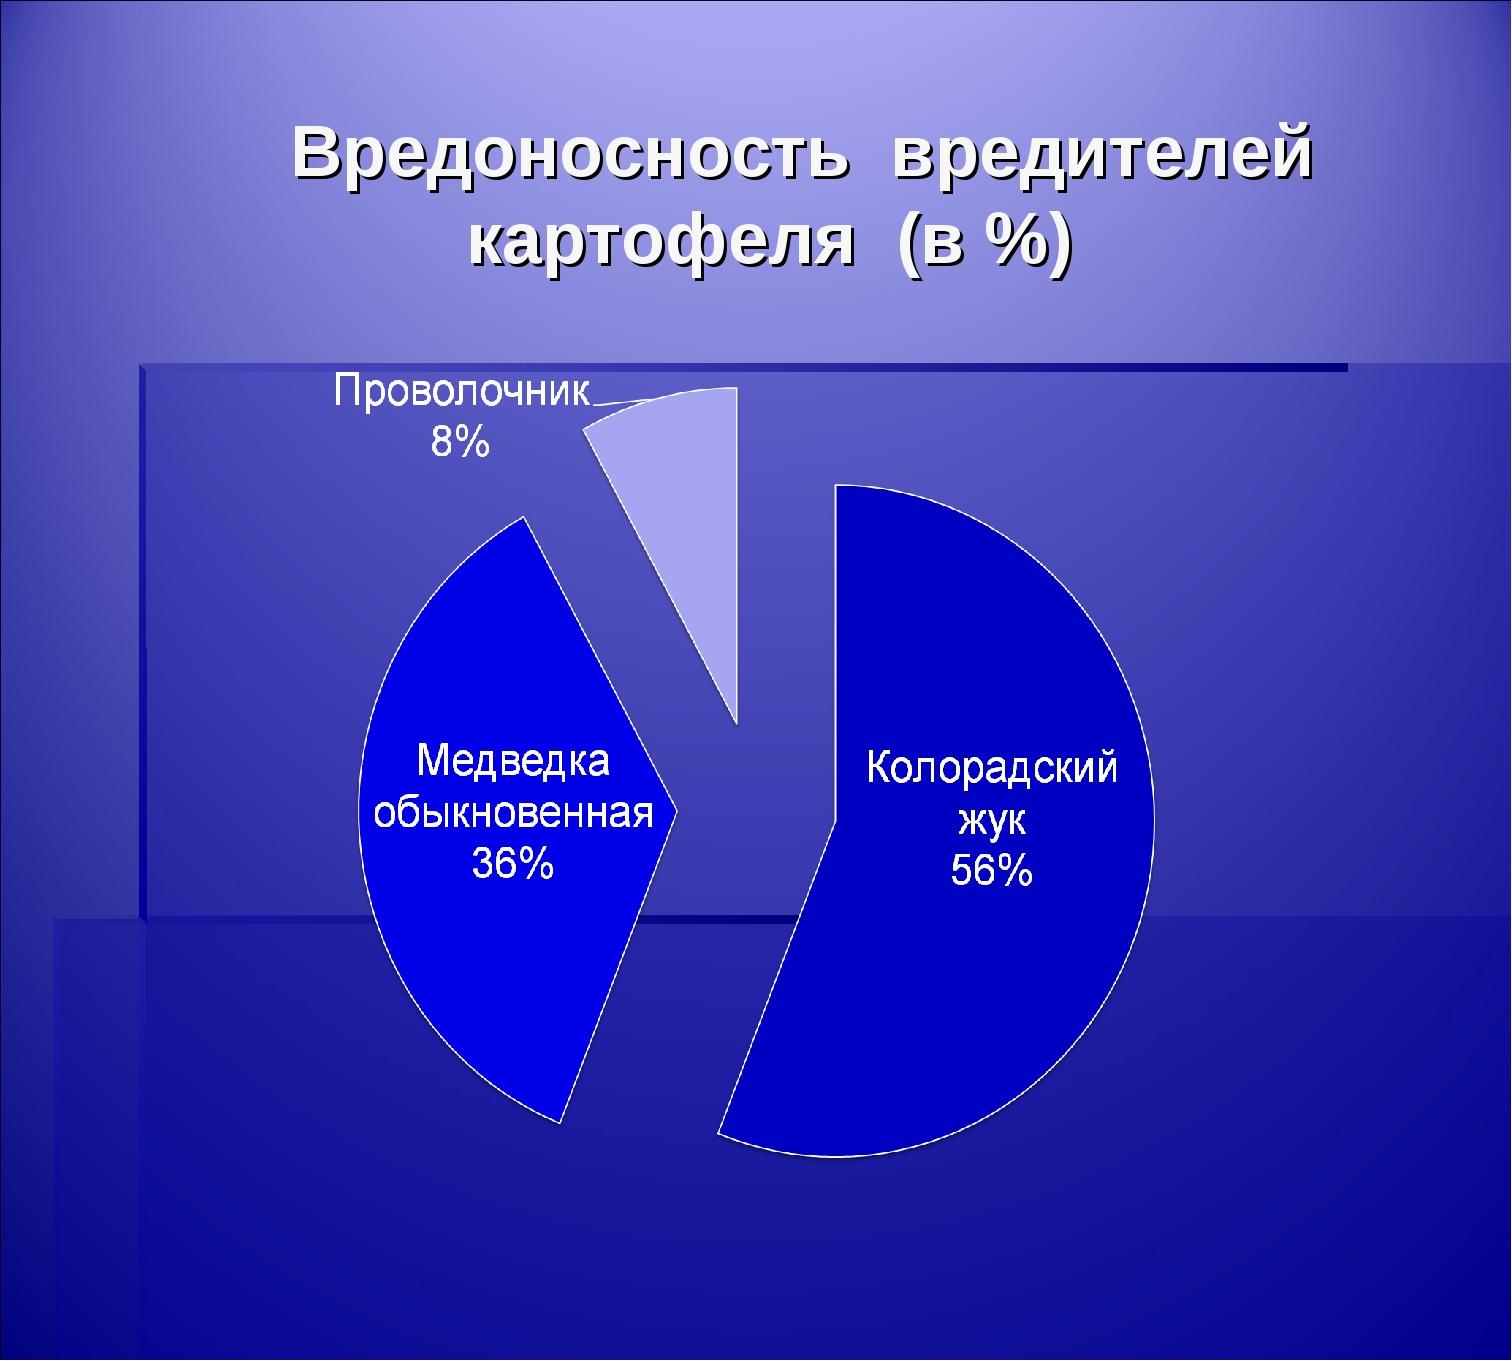 Вредоносность вредителей картофеля (в %)